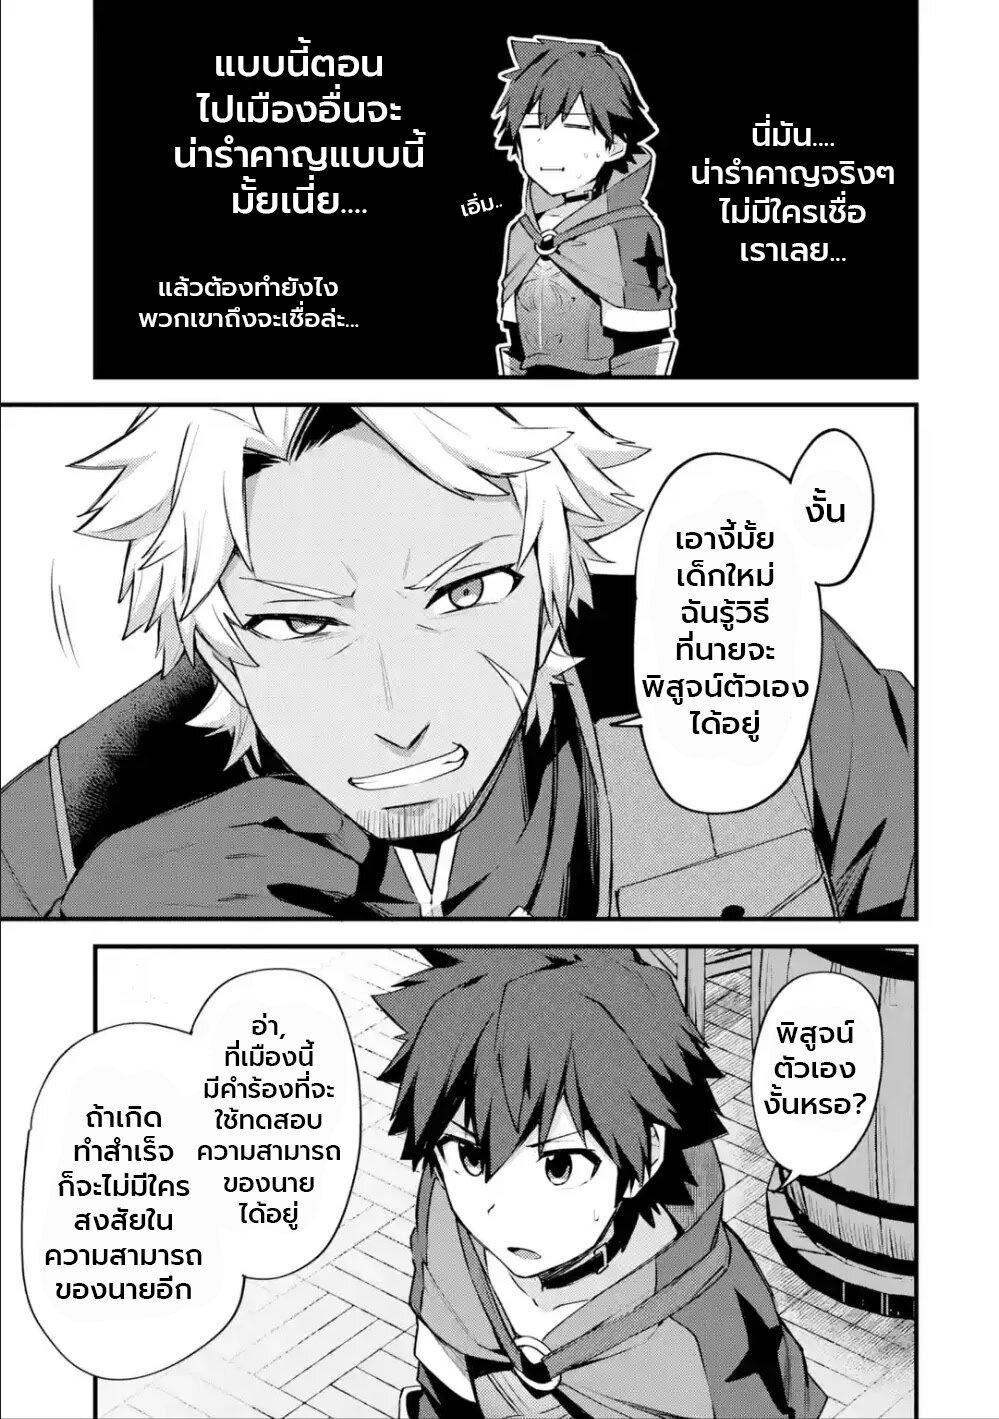 อ่านการ์ตูน Nido Tensei Shita Shounen wa S Rank Boukensha Toshite Heion ni Sugosu-zense ga kenja de eiyuu datta boku wa raisede wa jimini ikiru ตอนที่ 15 หน้าที่ 28